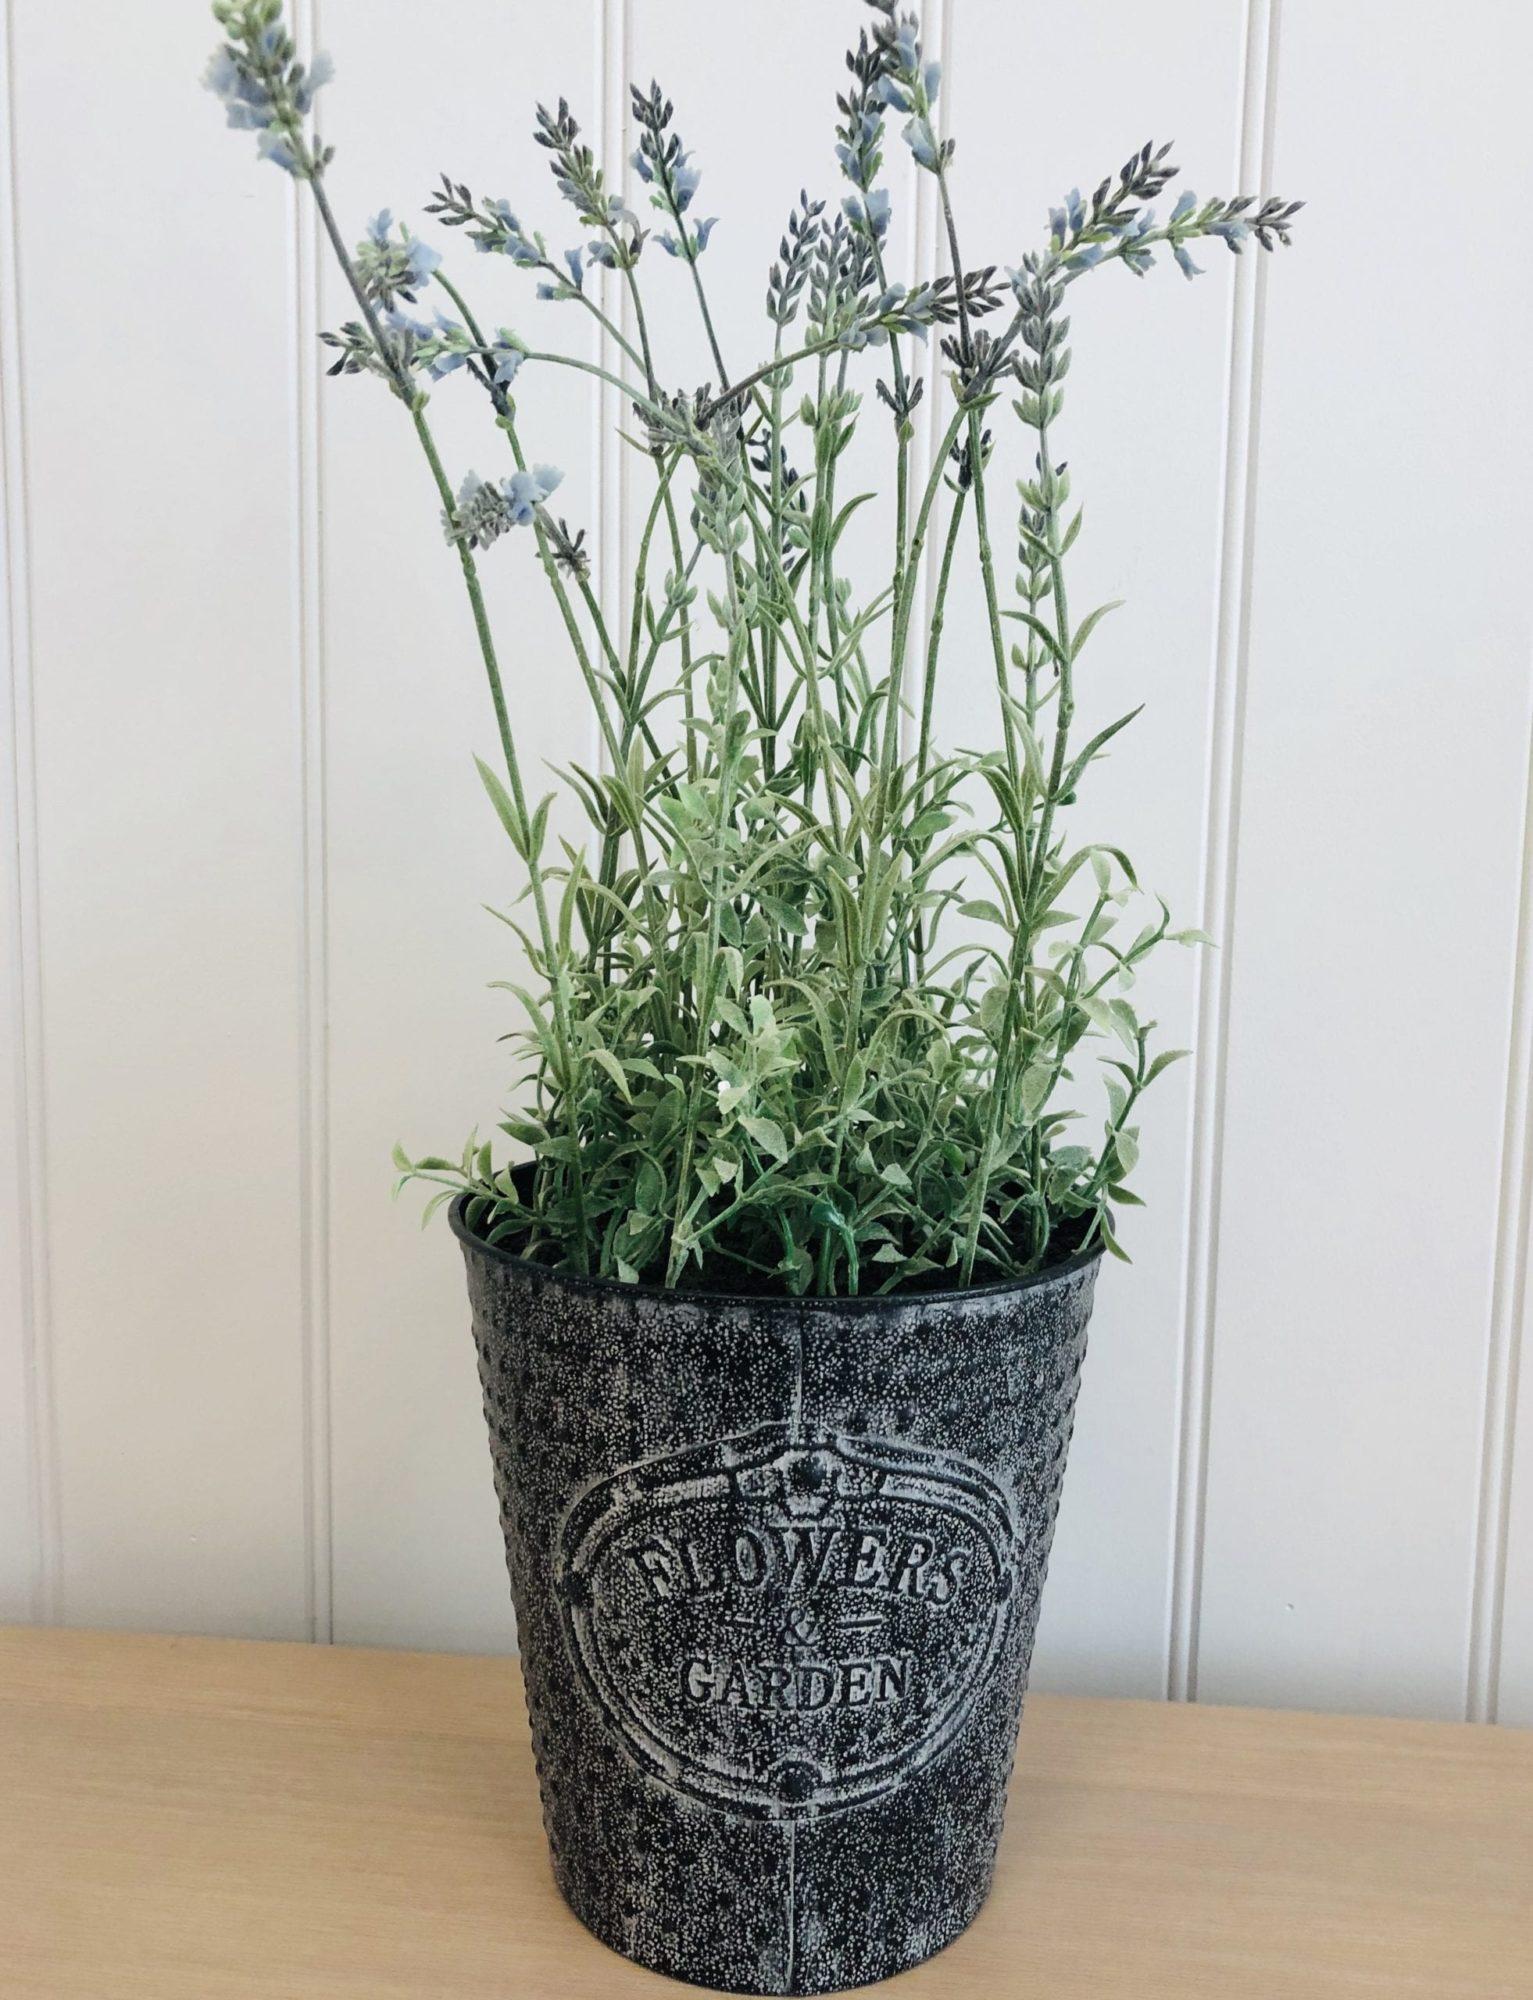 Lavender pot -Flower garden